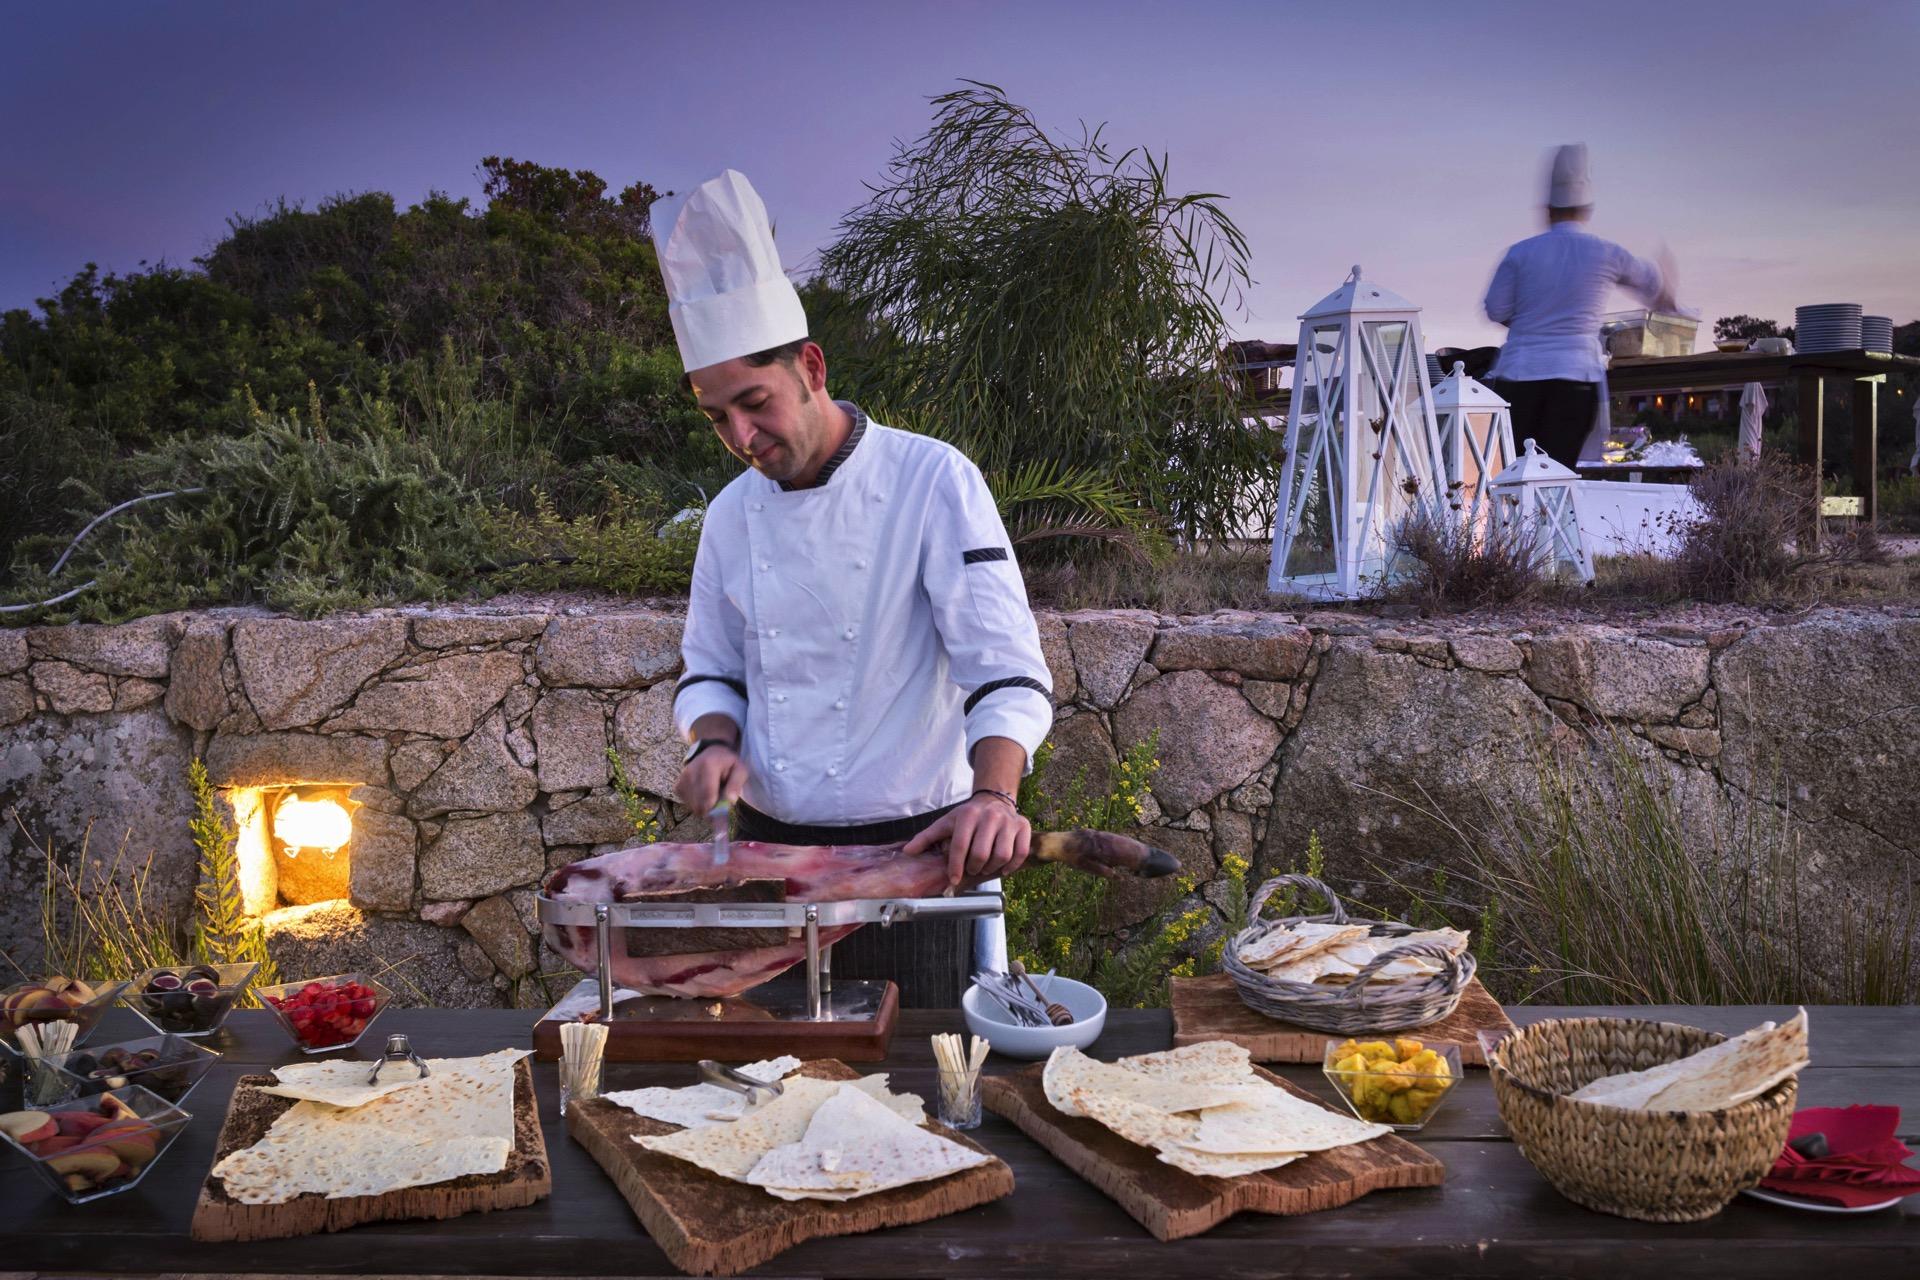 gastronomiceskie-programmi-na-sardinii (1)